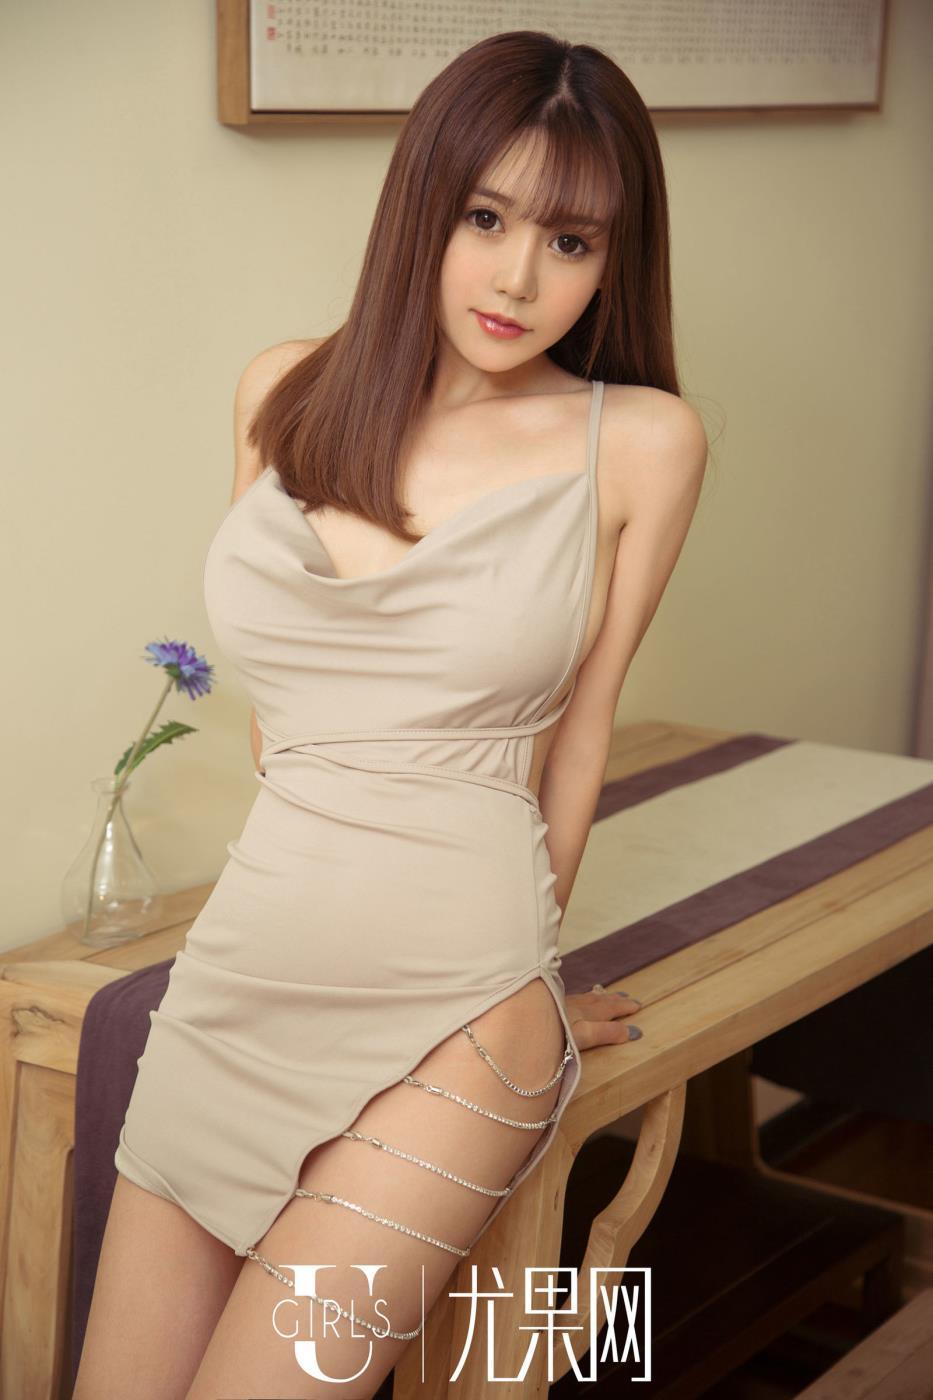 尤果网时尚性感美女模特周心情连衣裙高清写真套图